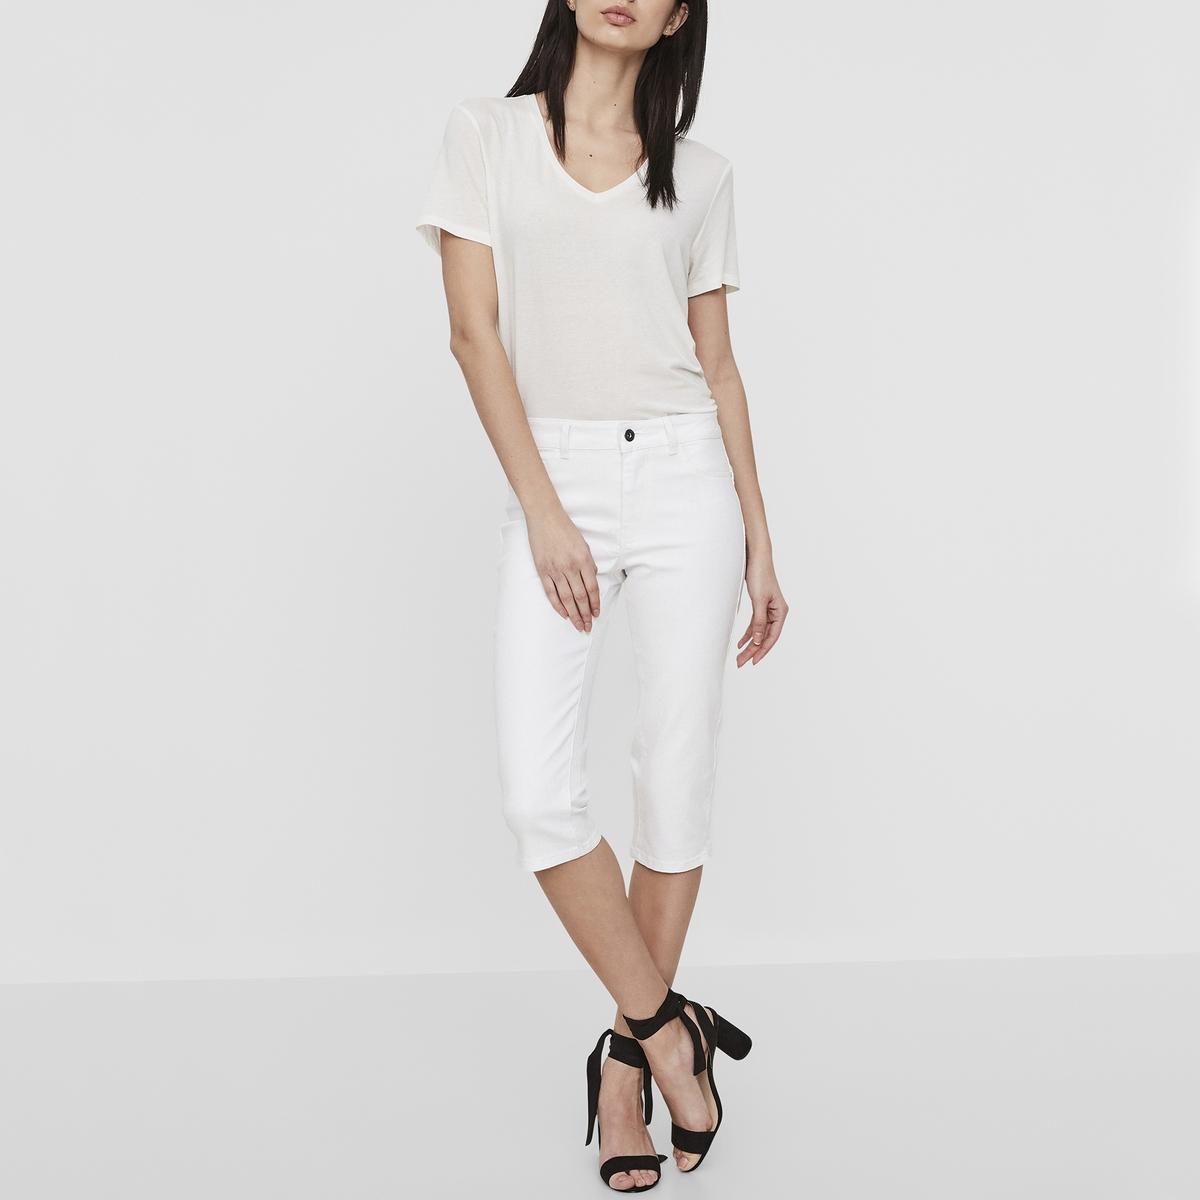 Брюки короткие узкие HOT SEVEN со стандартной талией из джинсовой ткани